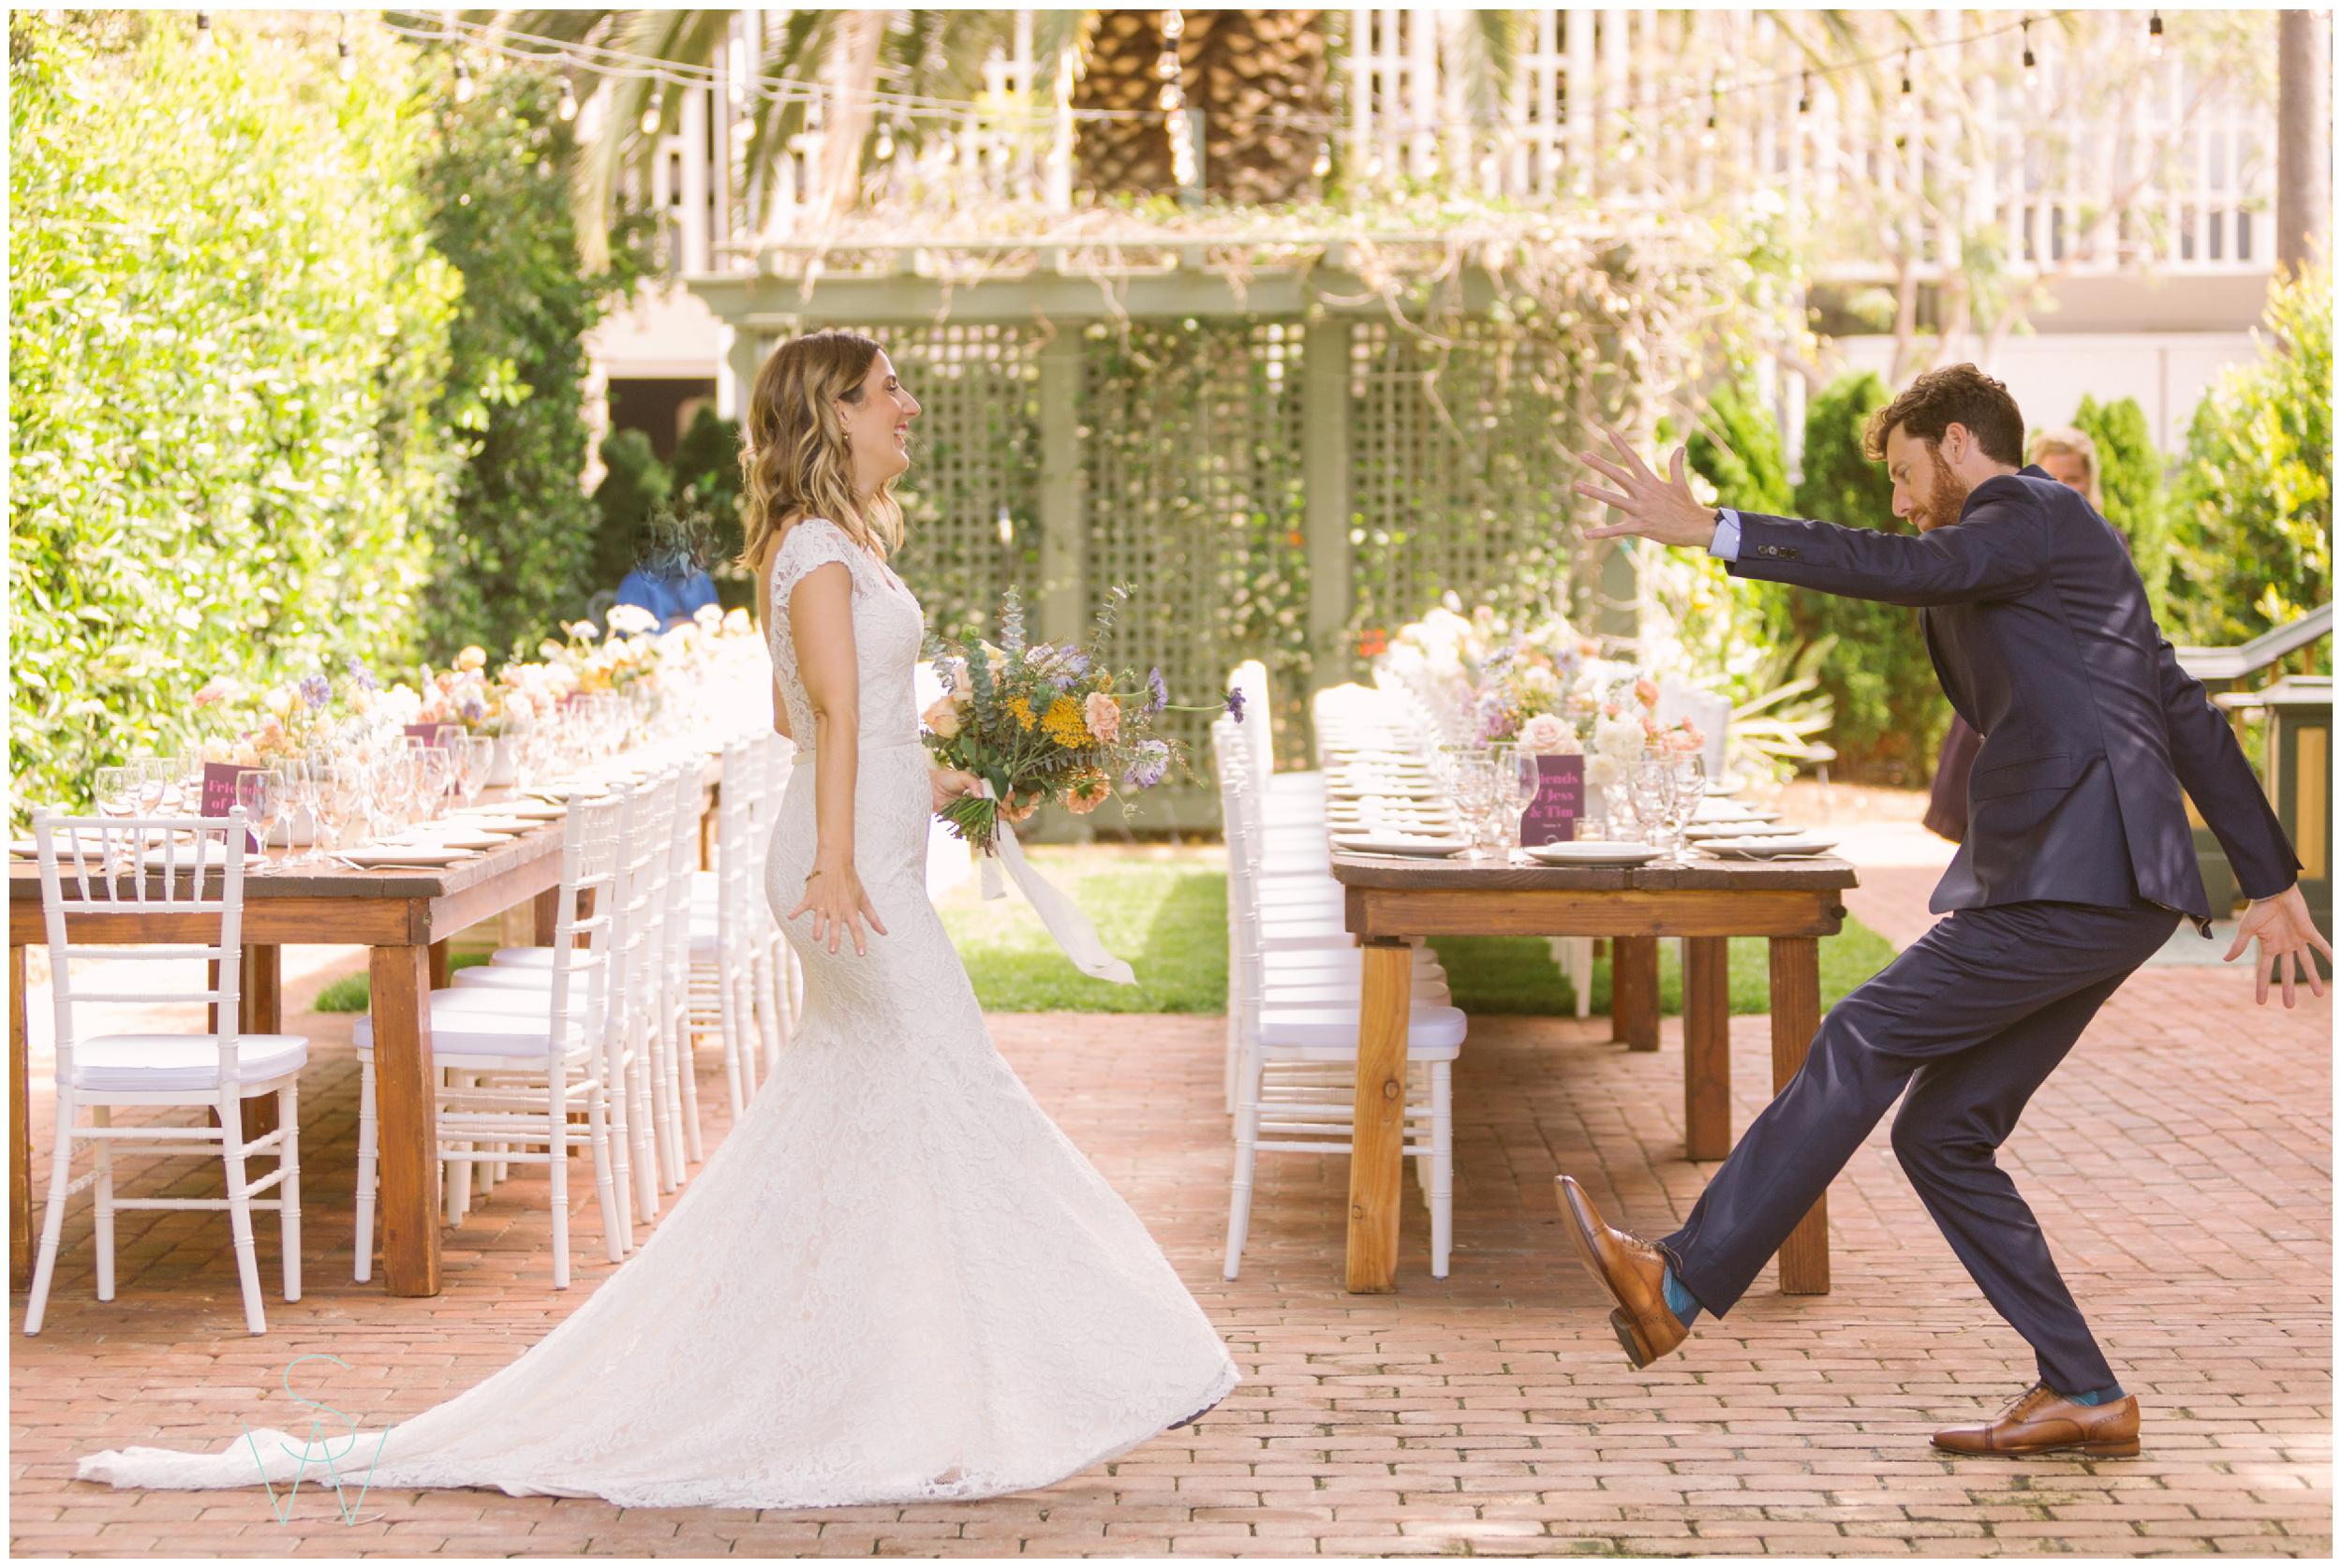 shewanders.san.diego.wedding.britt.scripps.inn-114.jpg